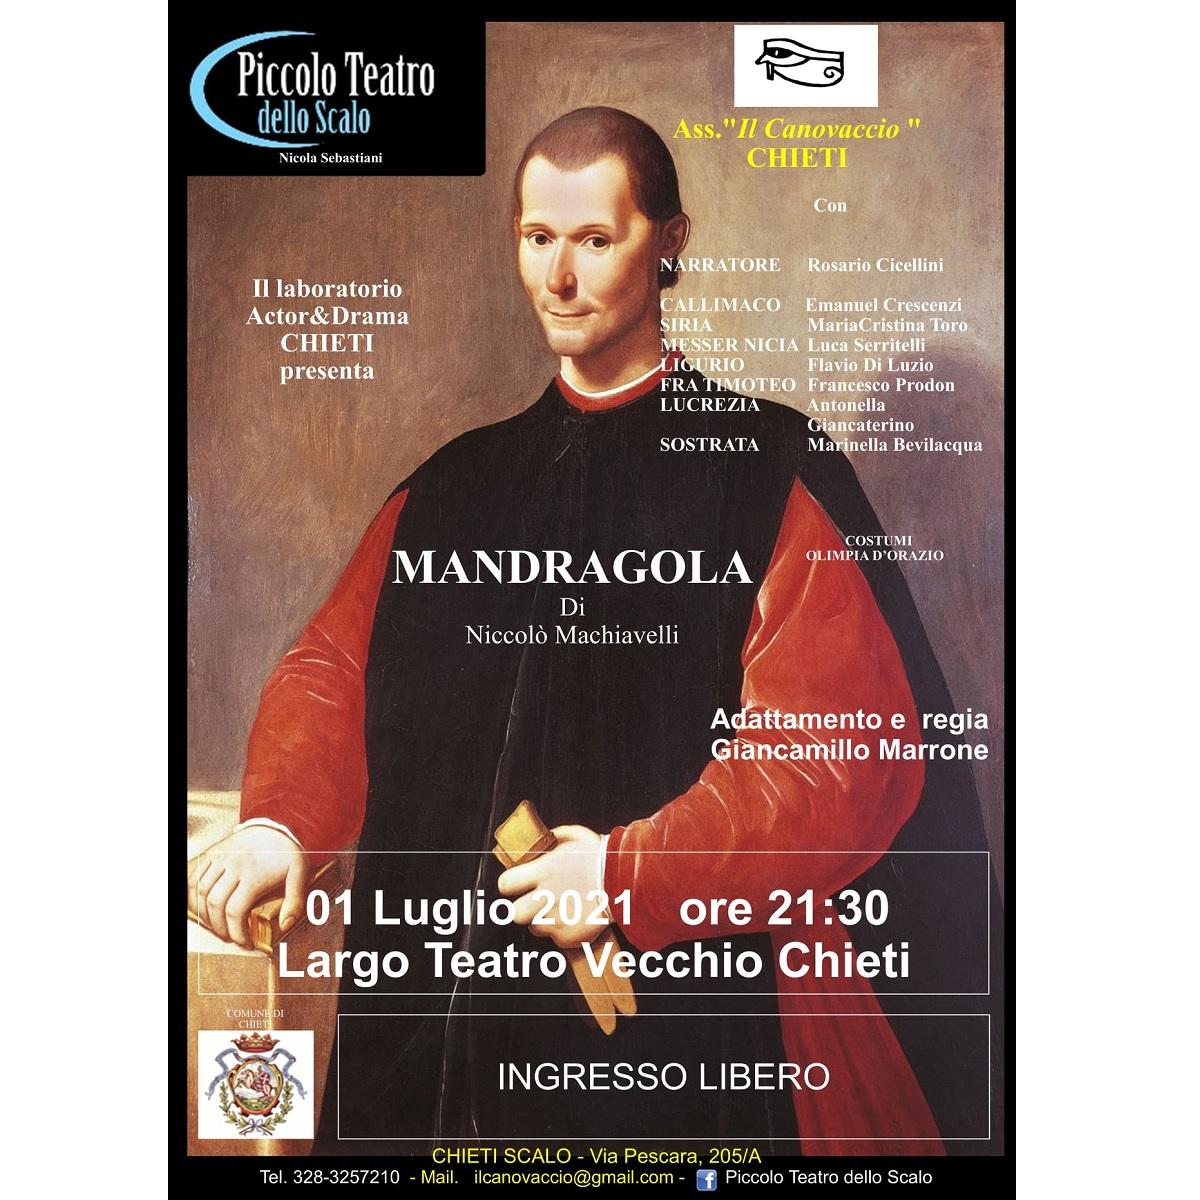 Mandragola di Niccolò Machiavelli a Chieti 1 luglio 2021 foto